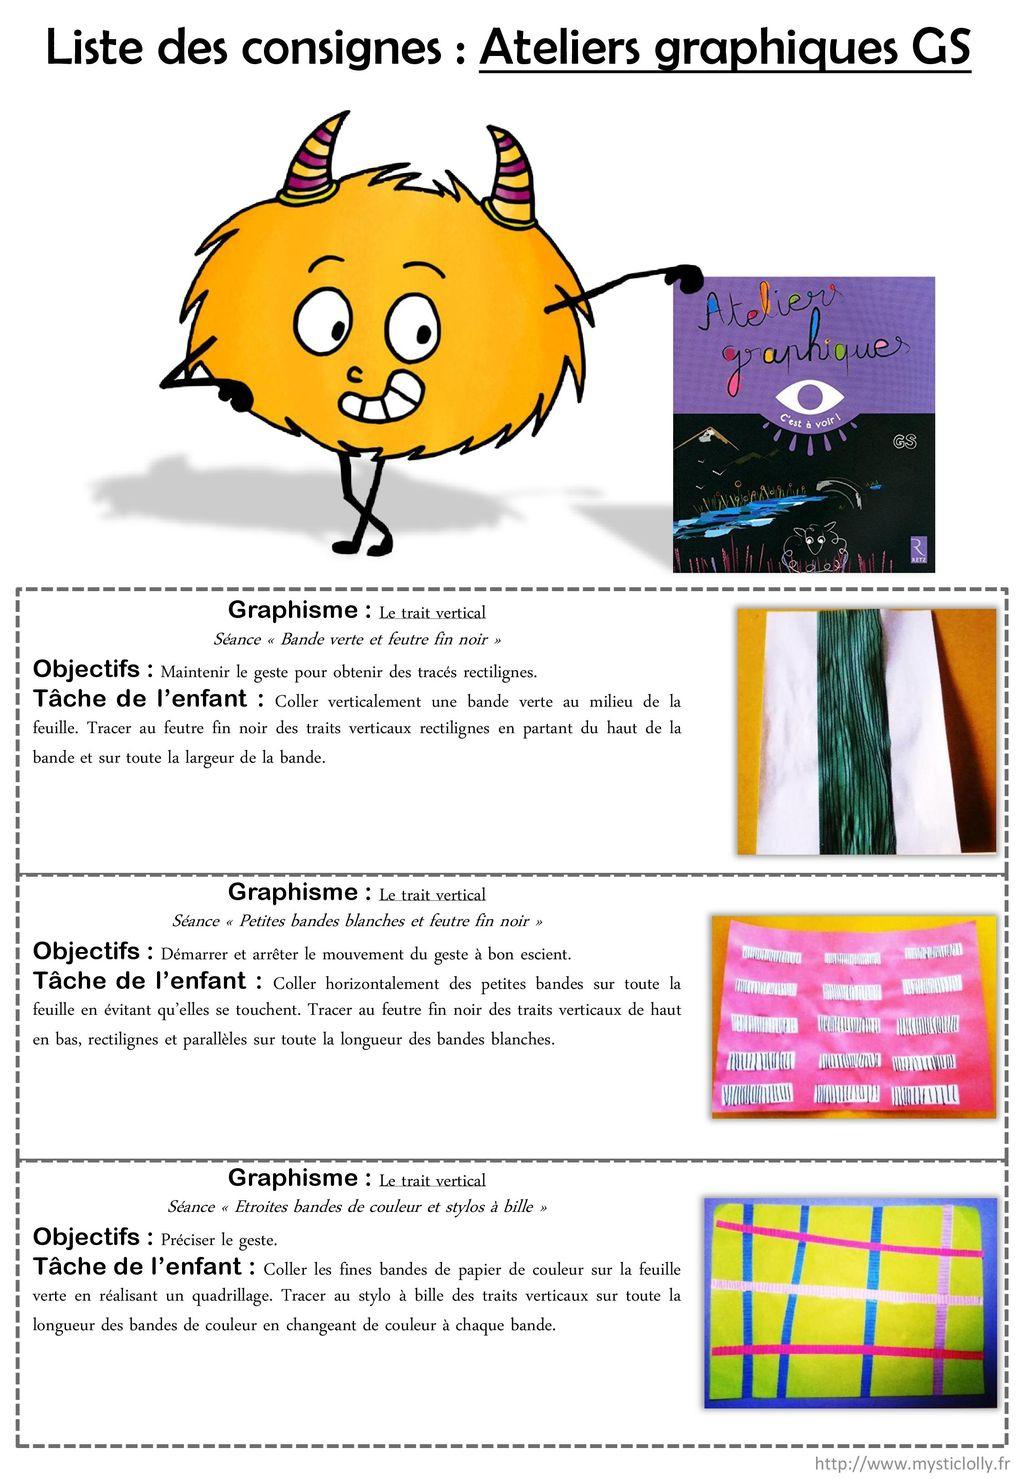 Liste Des Consignes : Ateliers Graphiques Gs tout Activités Graphiques Gs